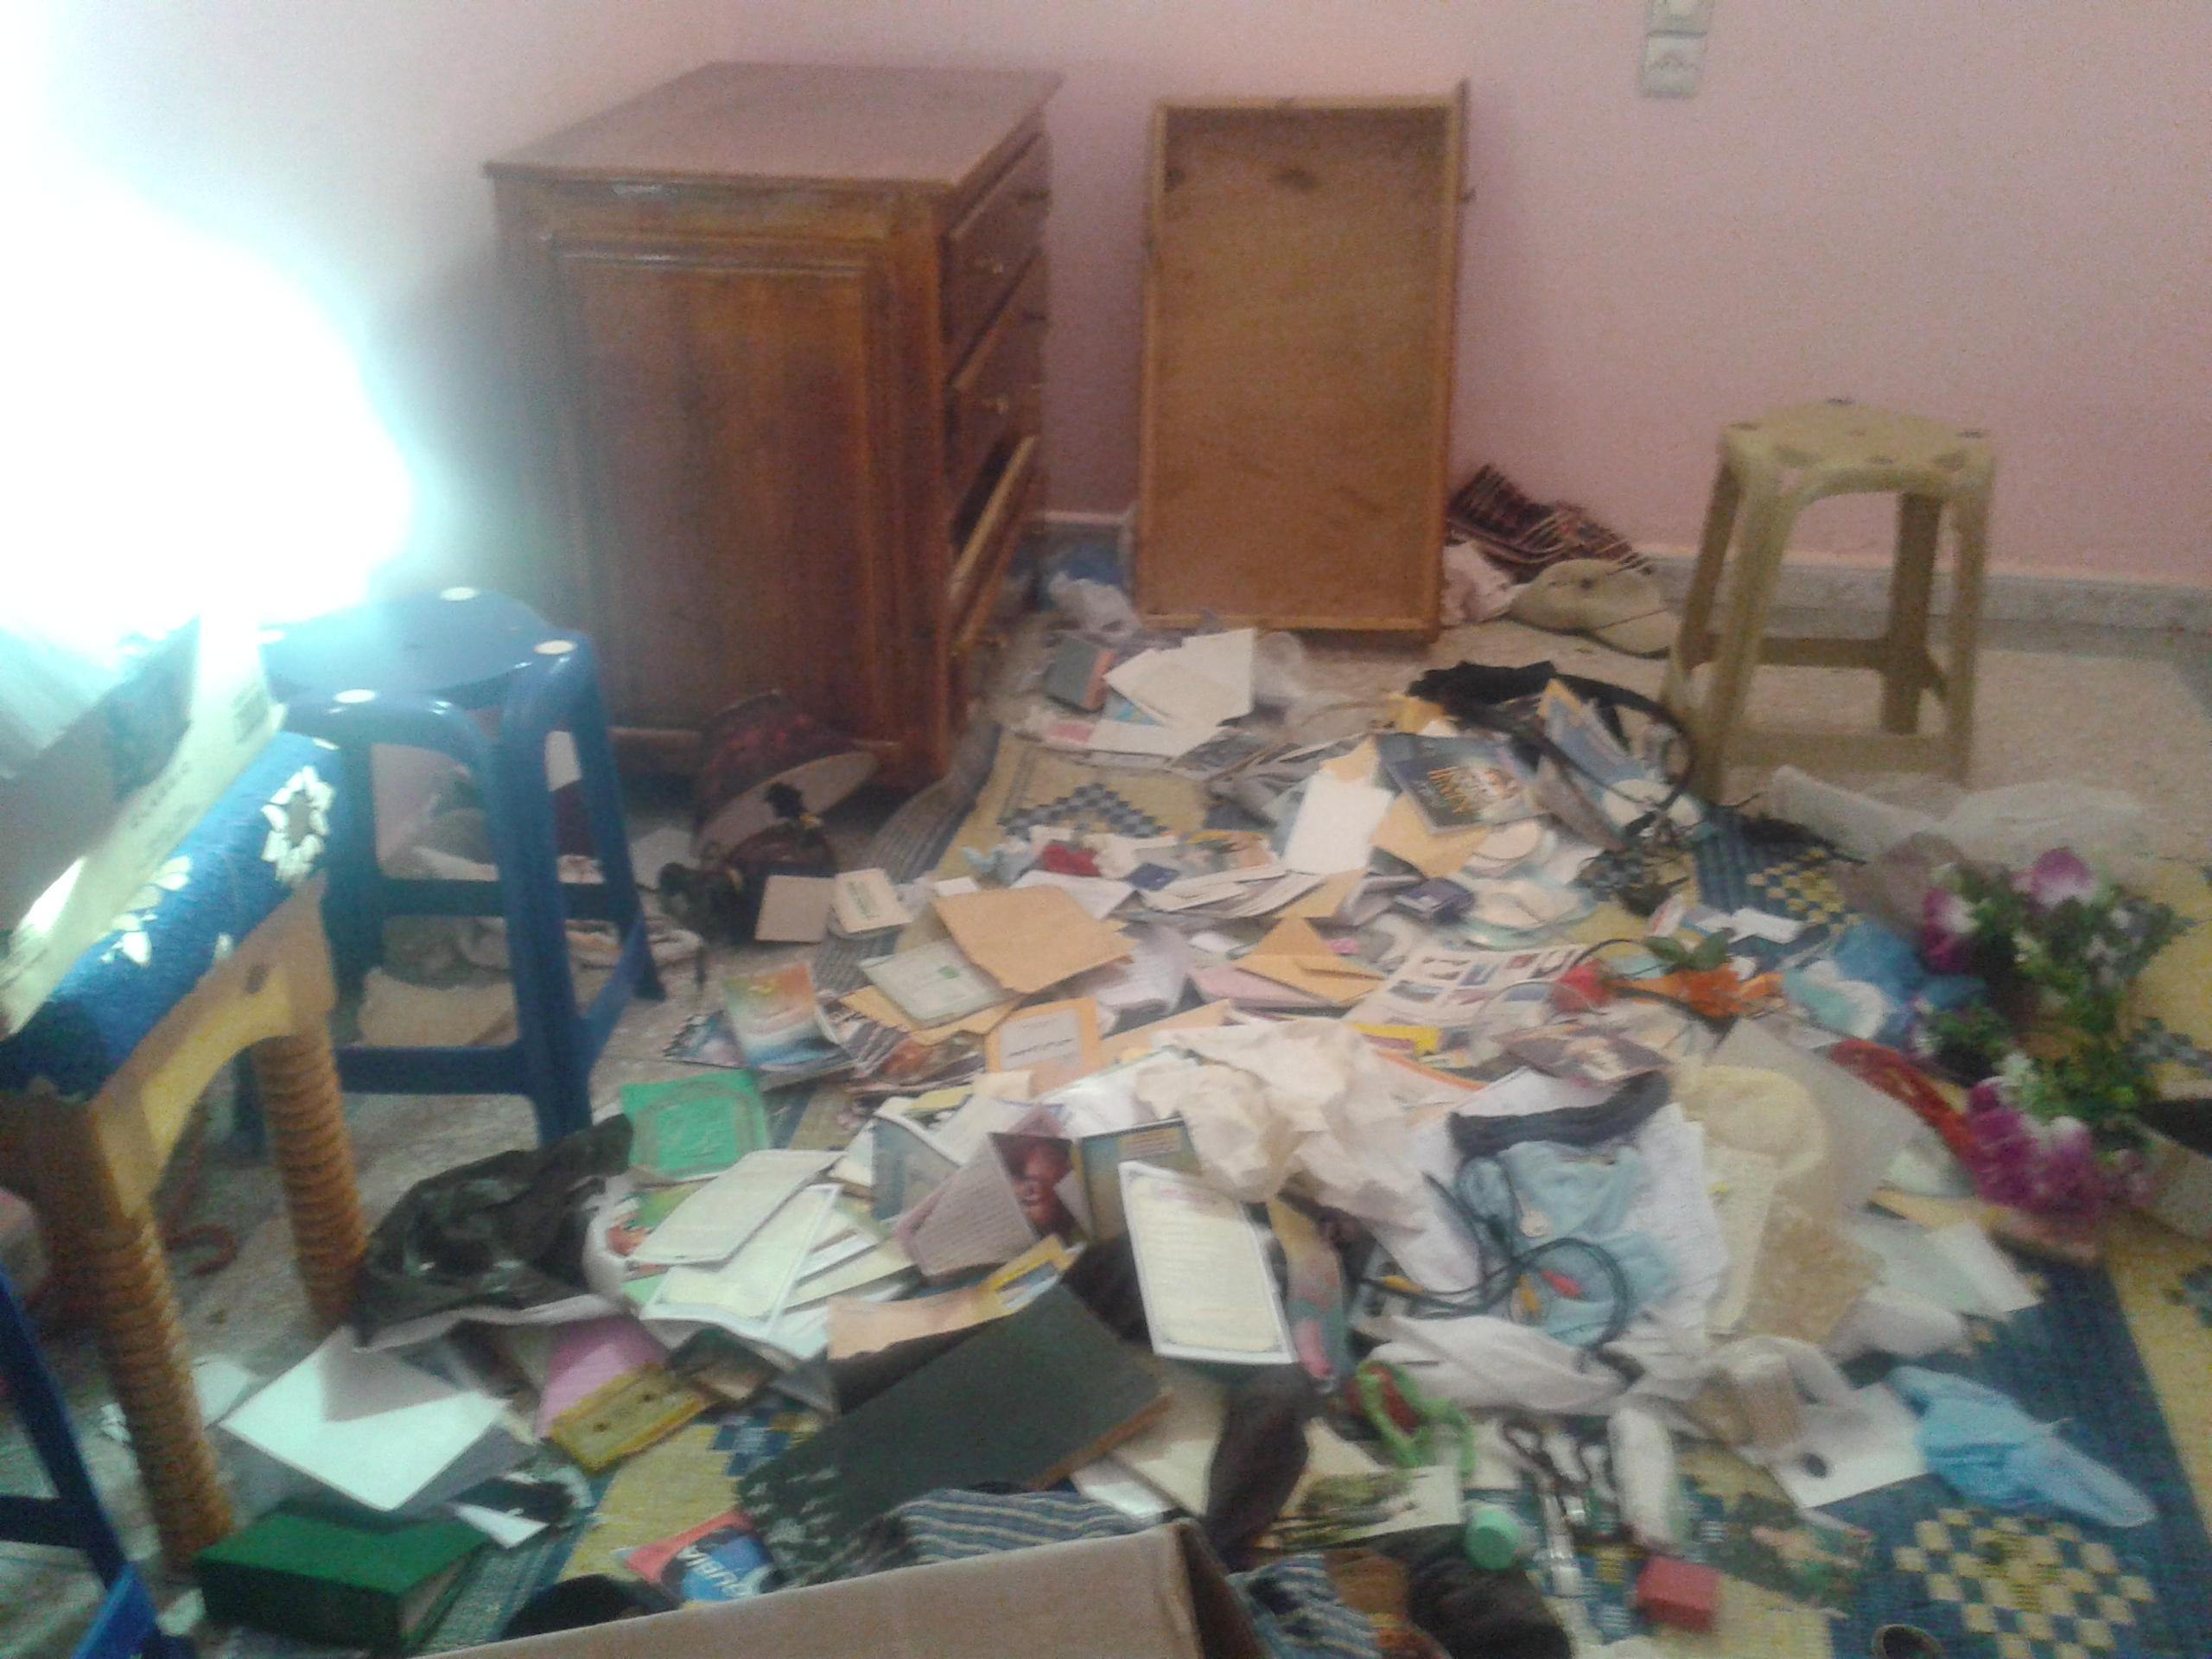 منزل المراسل الصحفي رشيد بيجيكن يتعرض للسرقة باشتوكة أيت باها / مرفق بالصور